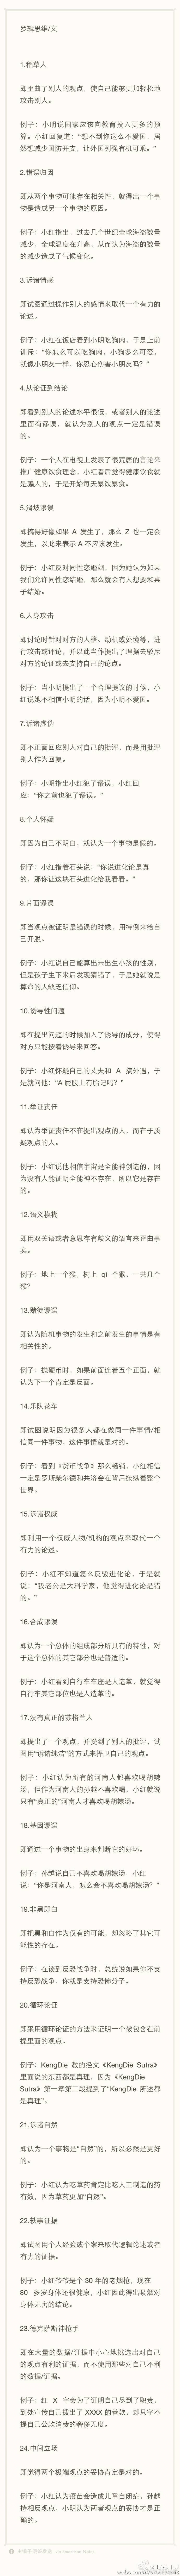 24种常见的逻辑错误,好像很有道理的样子。。。 - R站|学习使我快乐! - 1